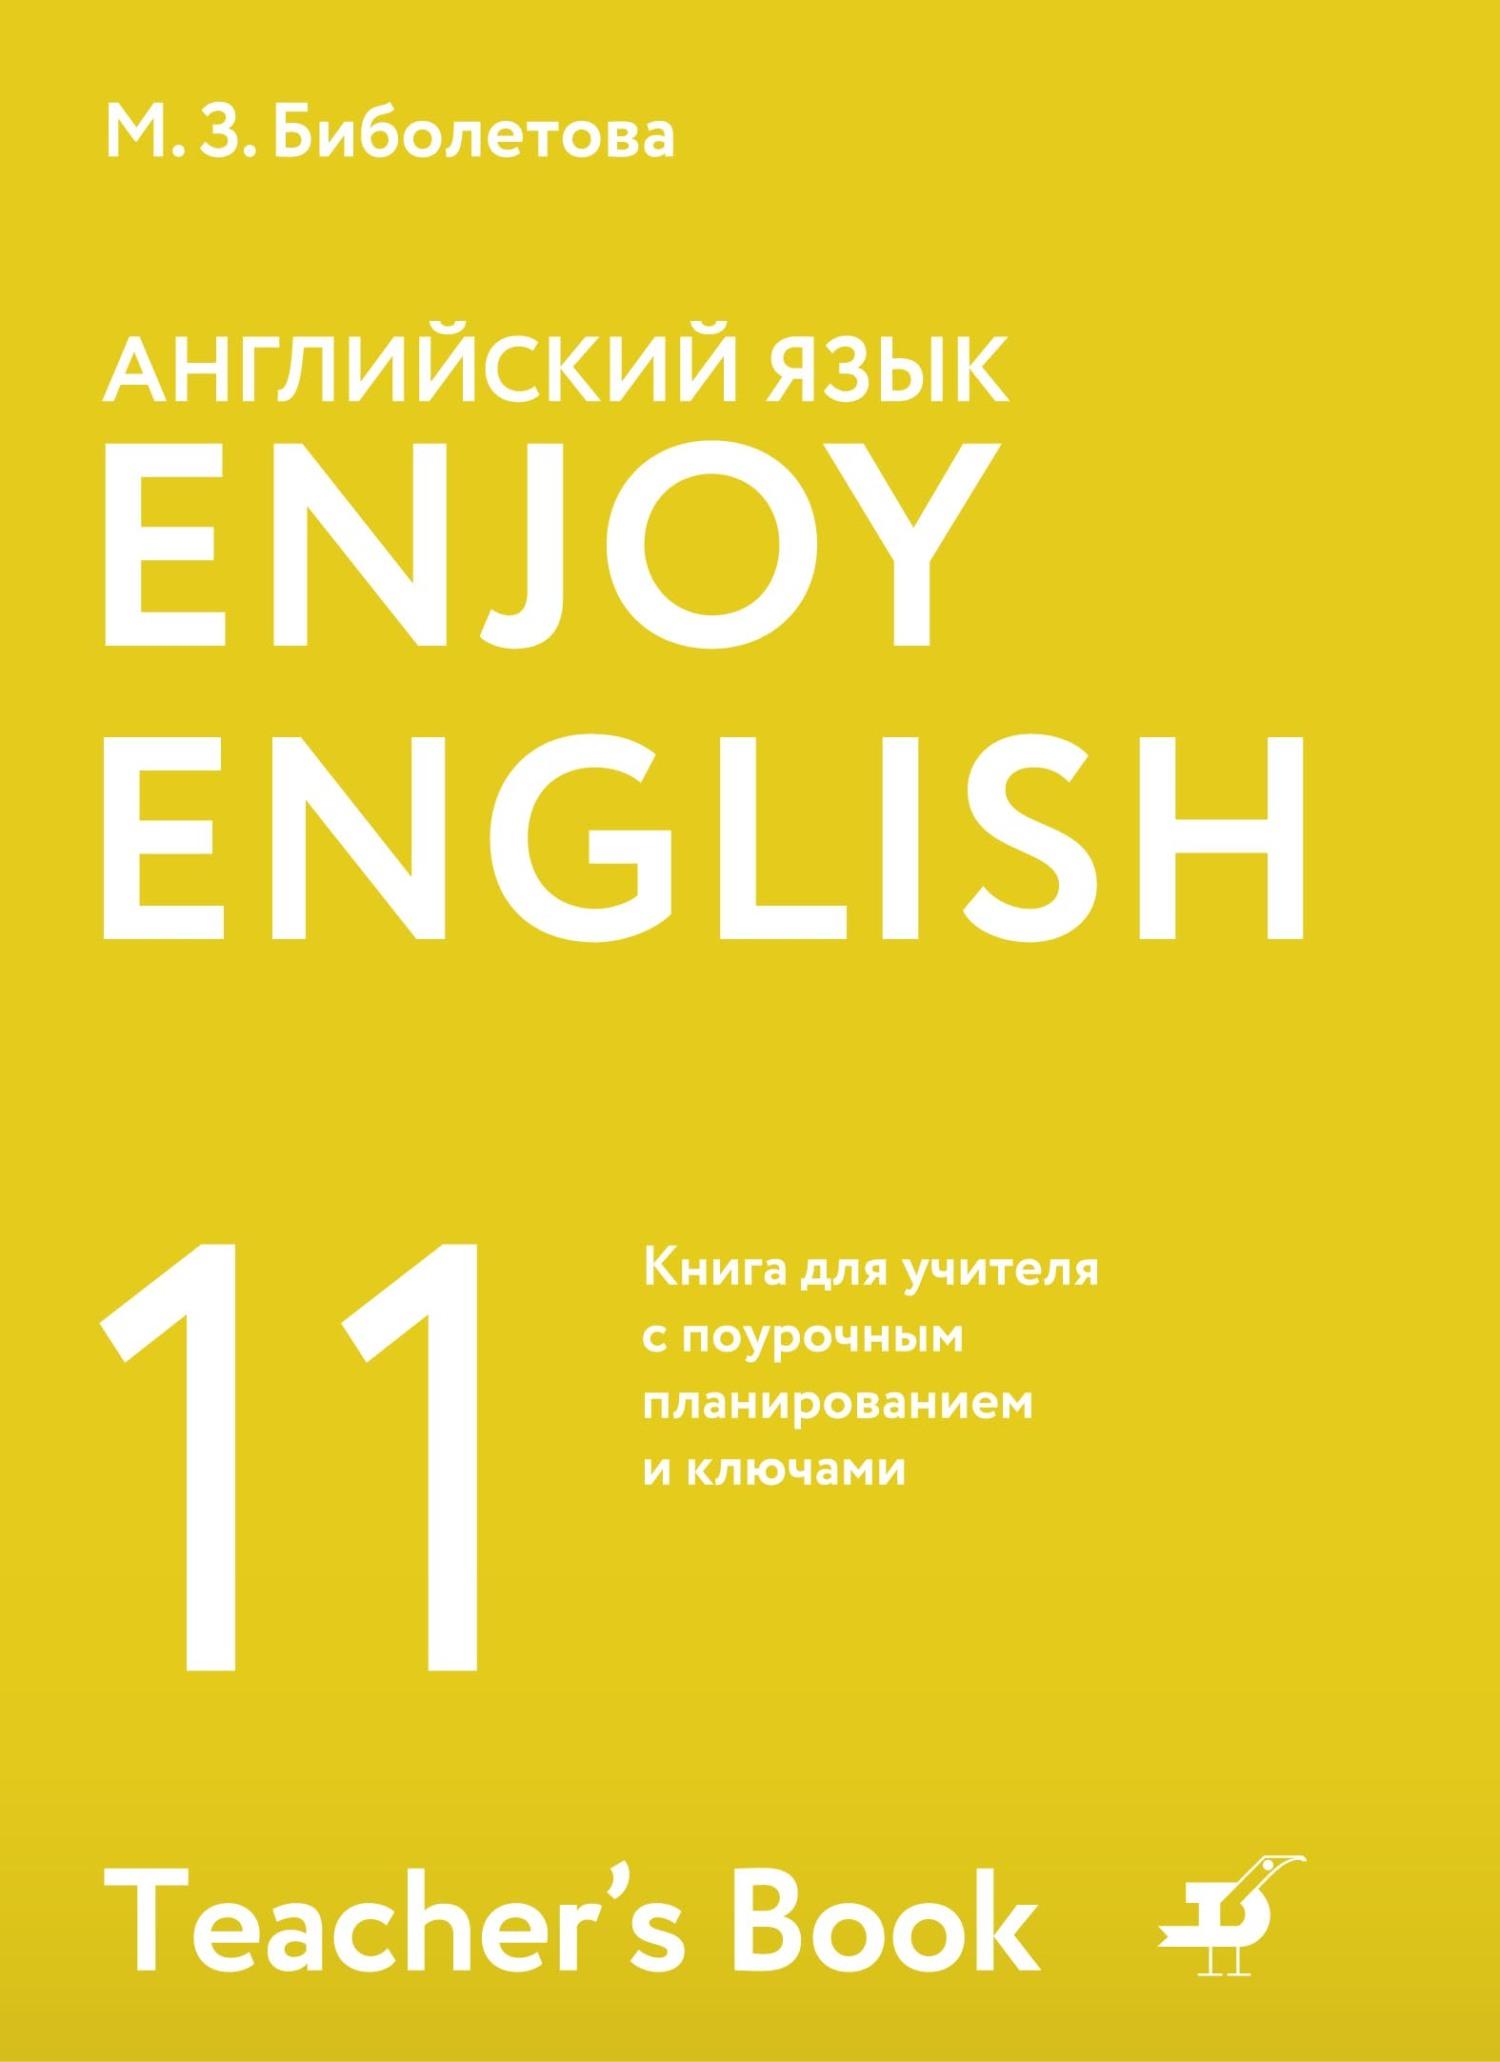 М. З. Биболетова Enjoy English / Английский с удовольствием. Базовый уровень. 11 класс. Книга для учителя биболетова м з enjoy english английский с удовольствием 2 класс учебник